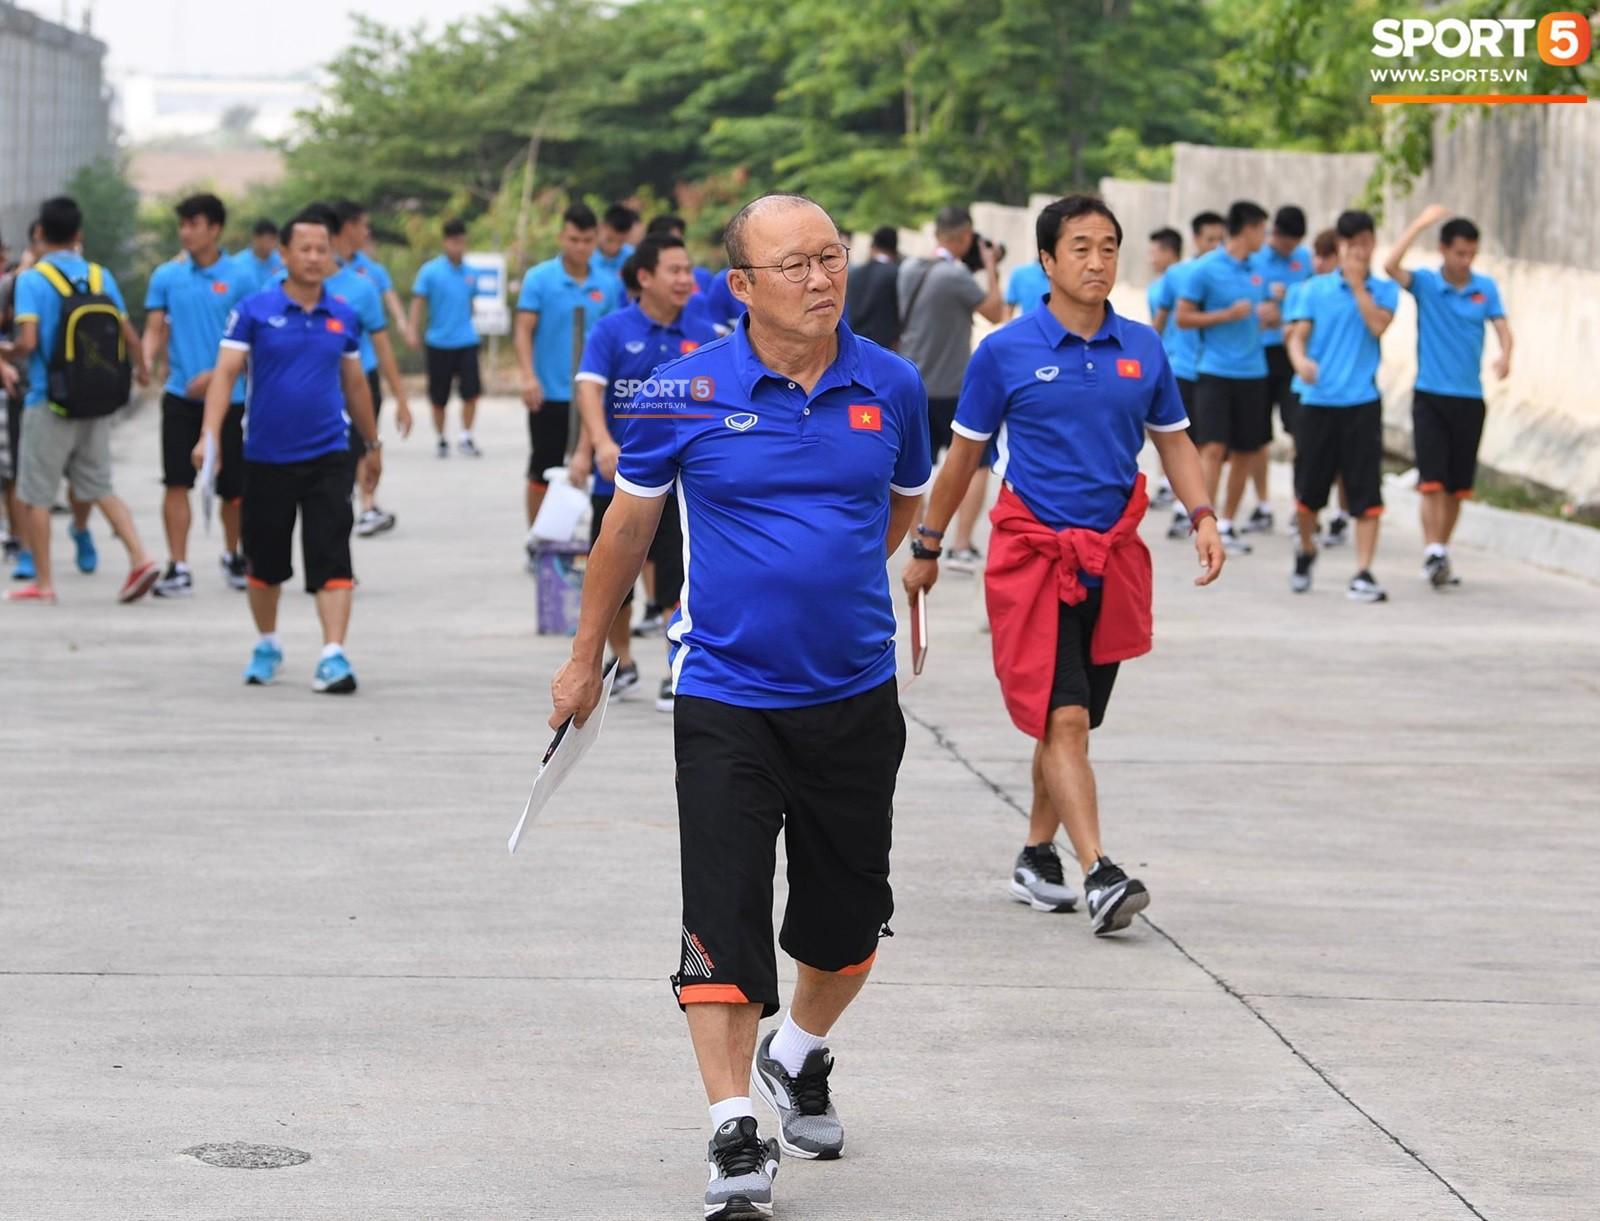 HLV Park Hang Seo cẩn thận cùng ban huấn luyện ngăn xe cho học trò băng qua đường tập luyện - Ảnh 8.